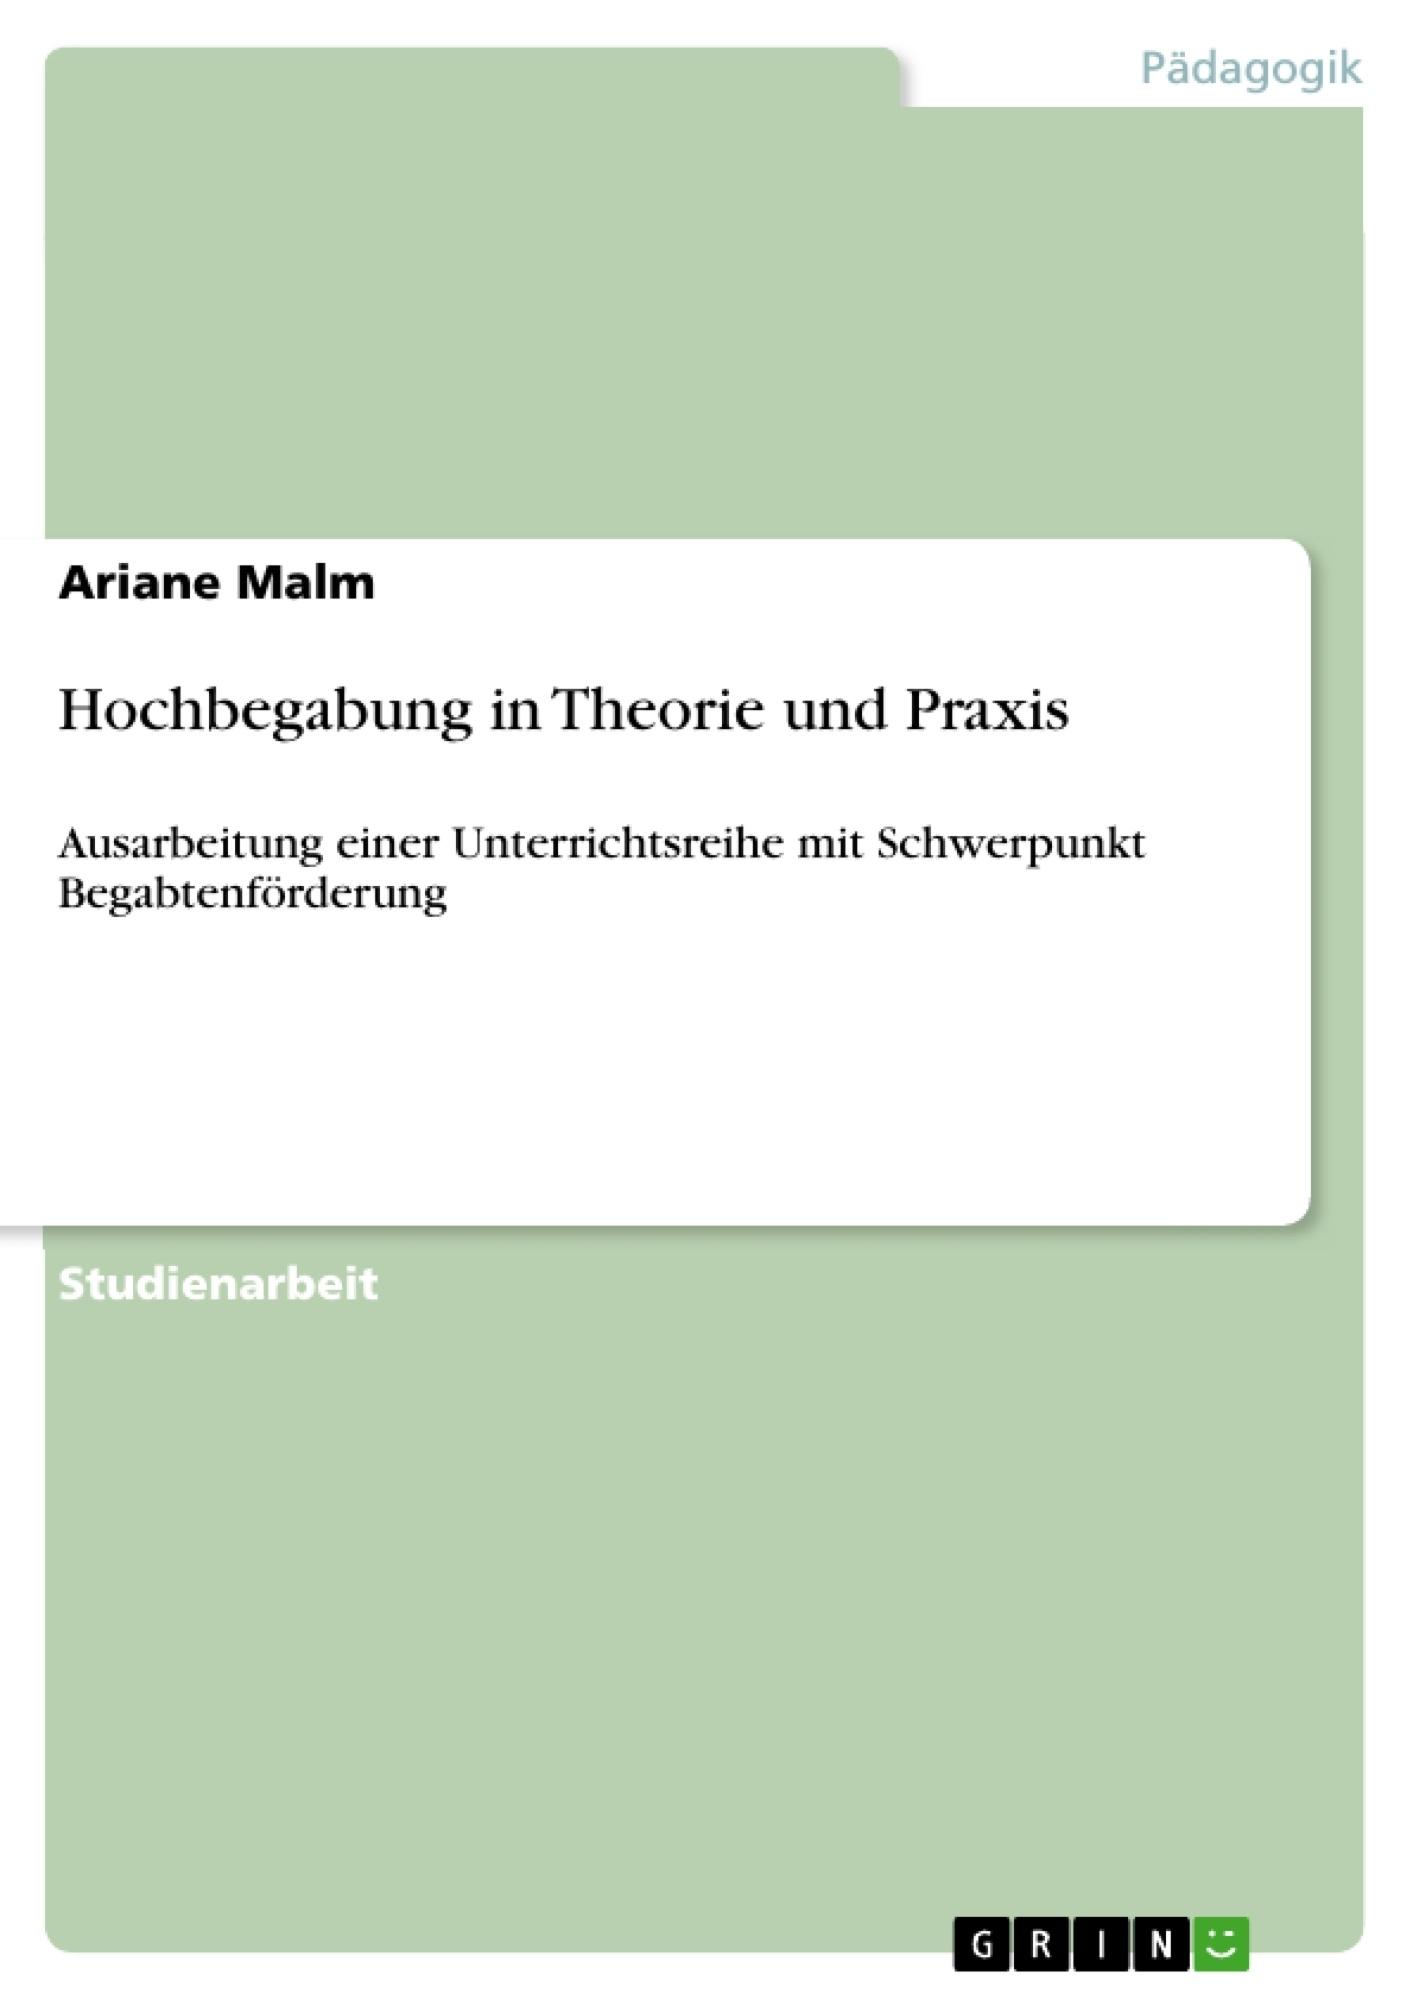 Titel: Hochbegabung in Theorie und Praxis